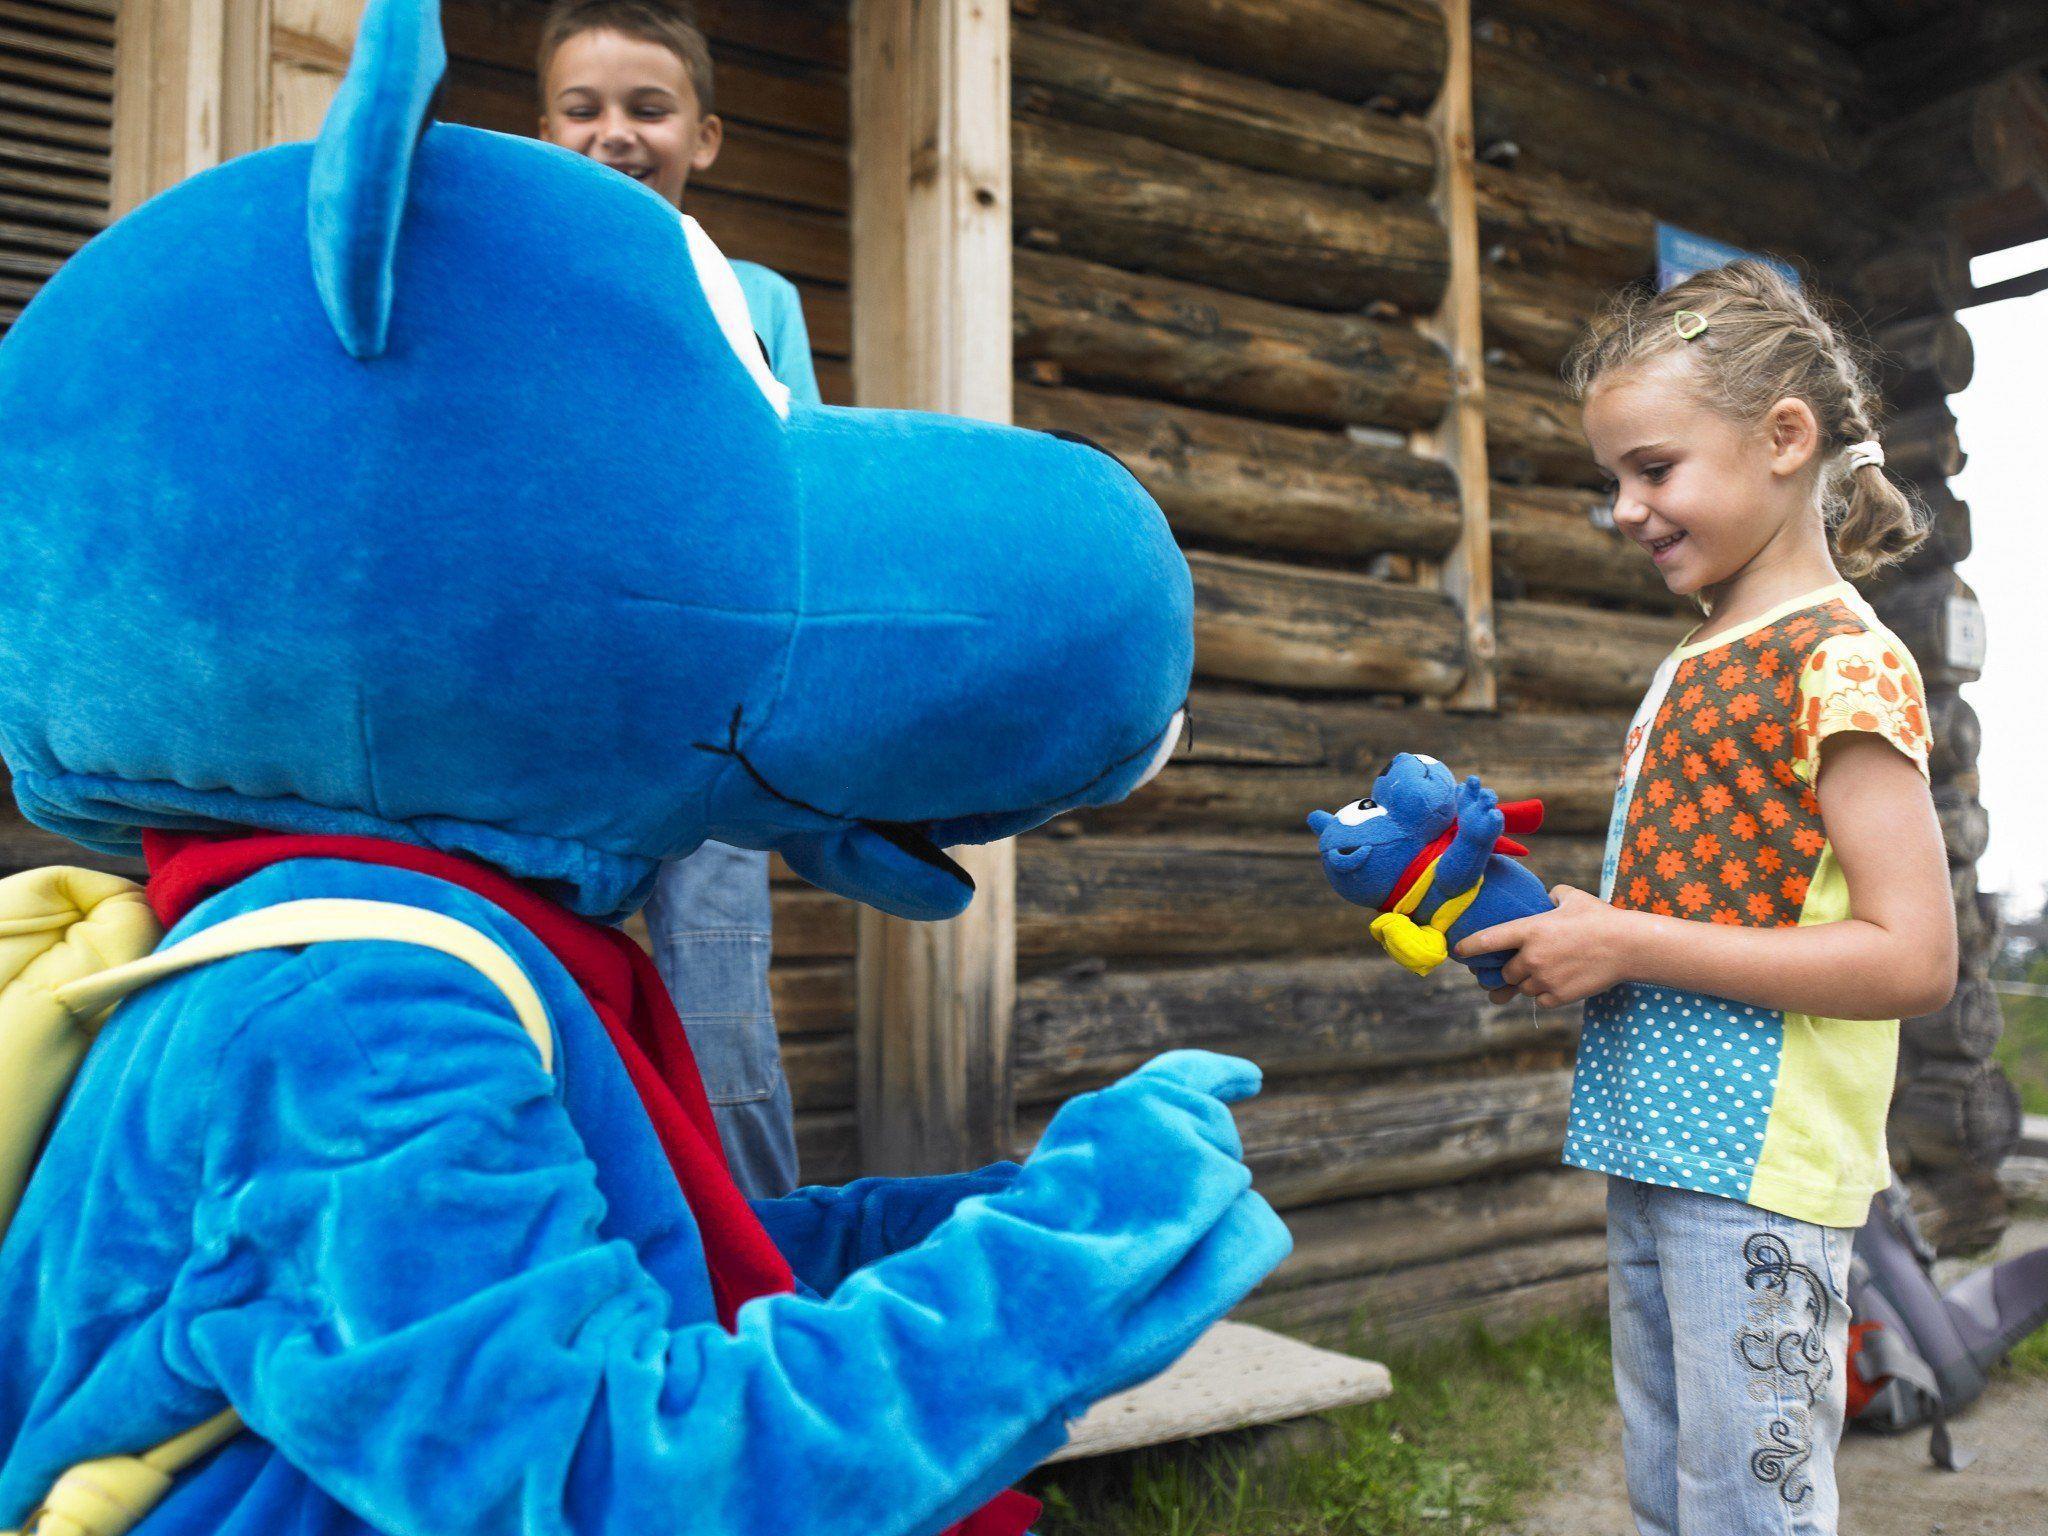 Am Sonntag, den 29. September findet das Golmi-Kinderfest statt.